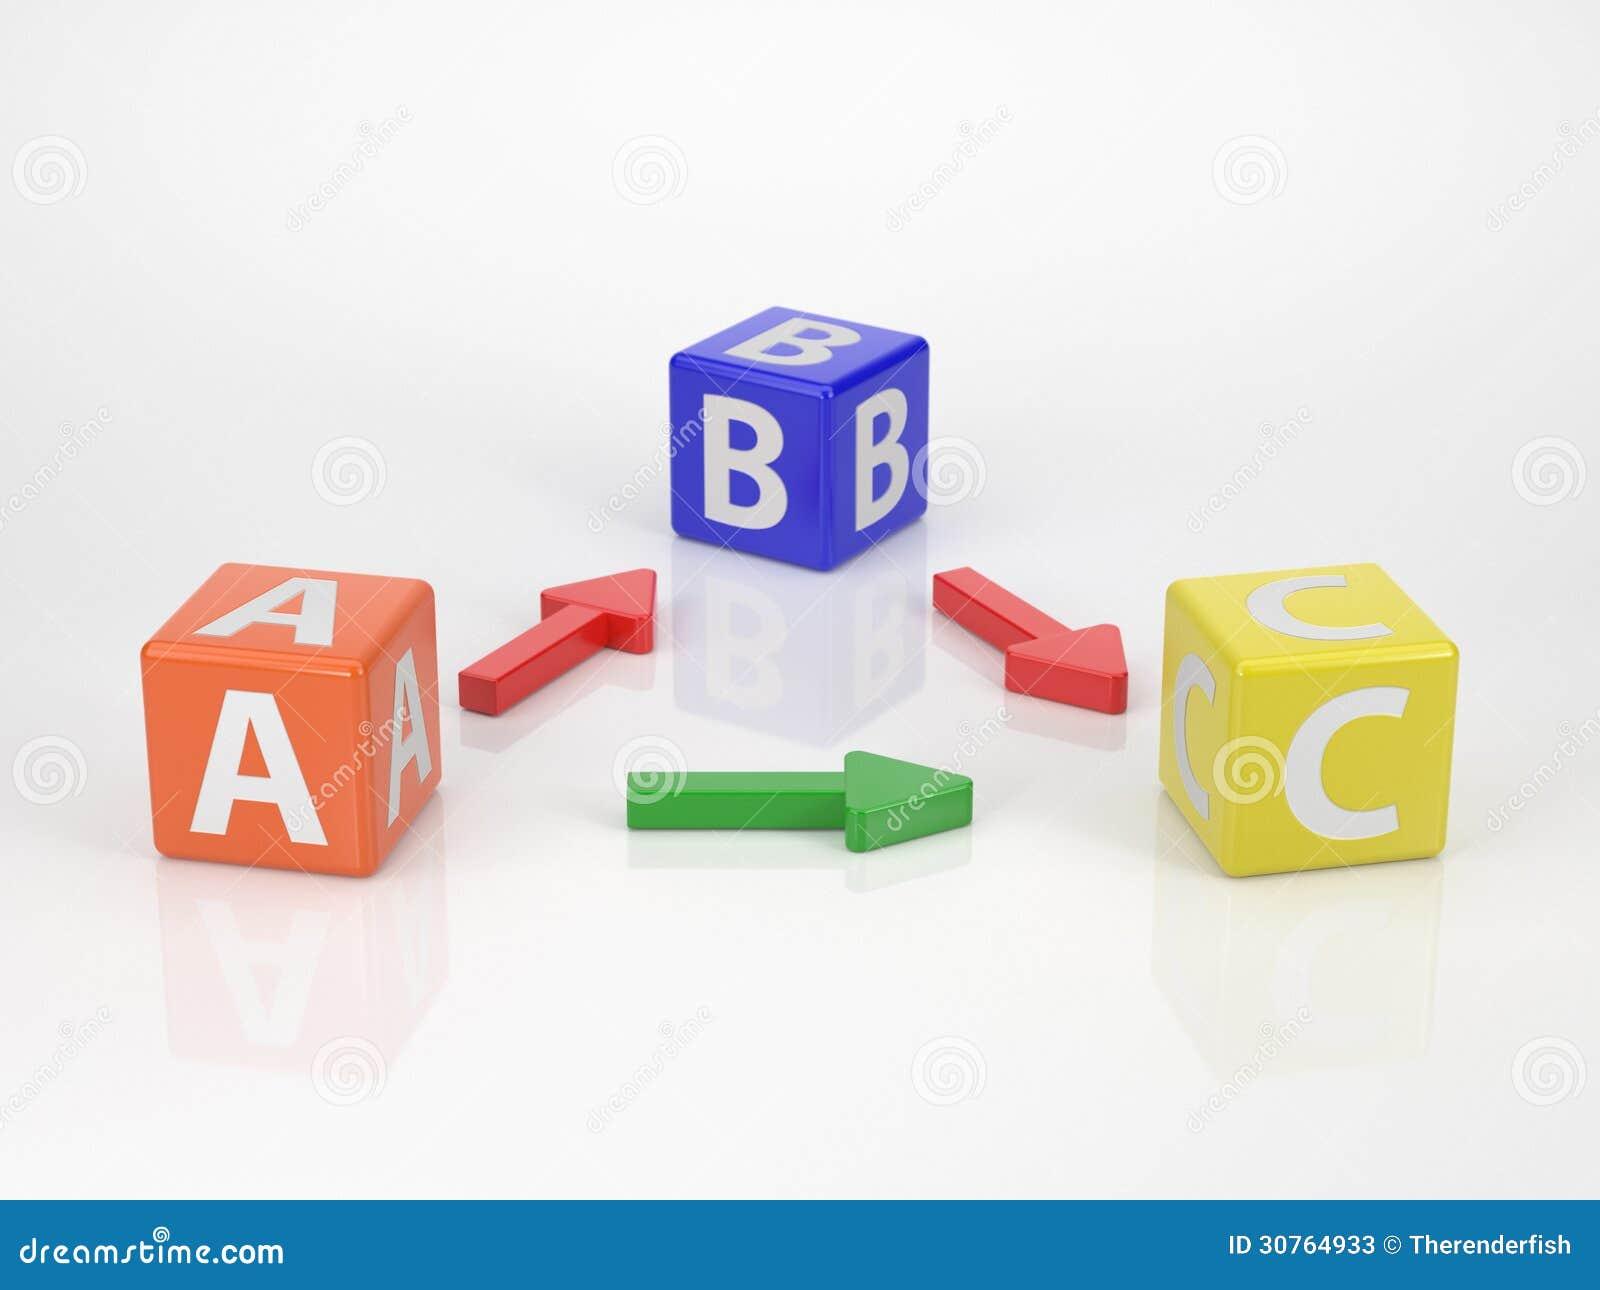 Abreviación - de A a la serie C Letterdices